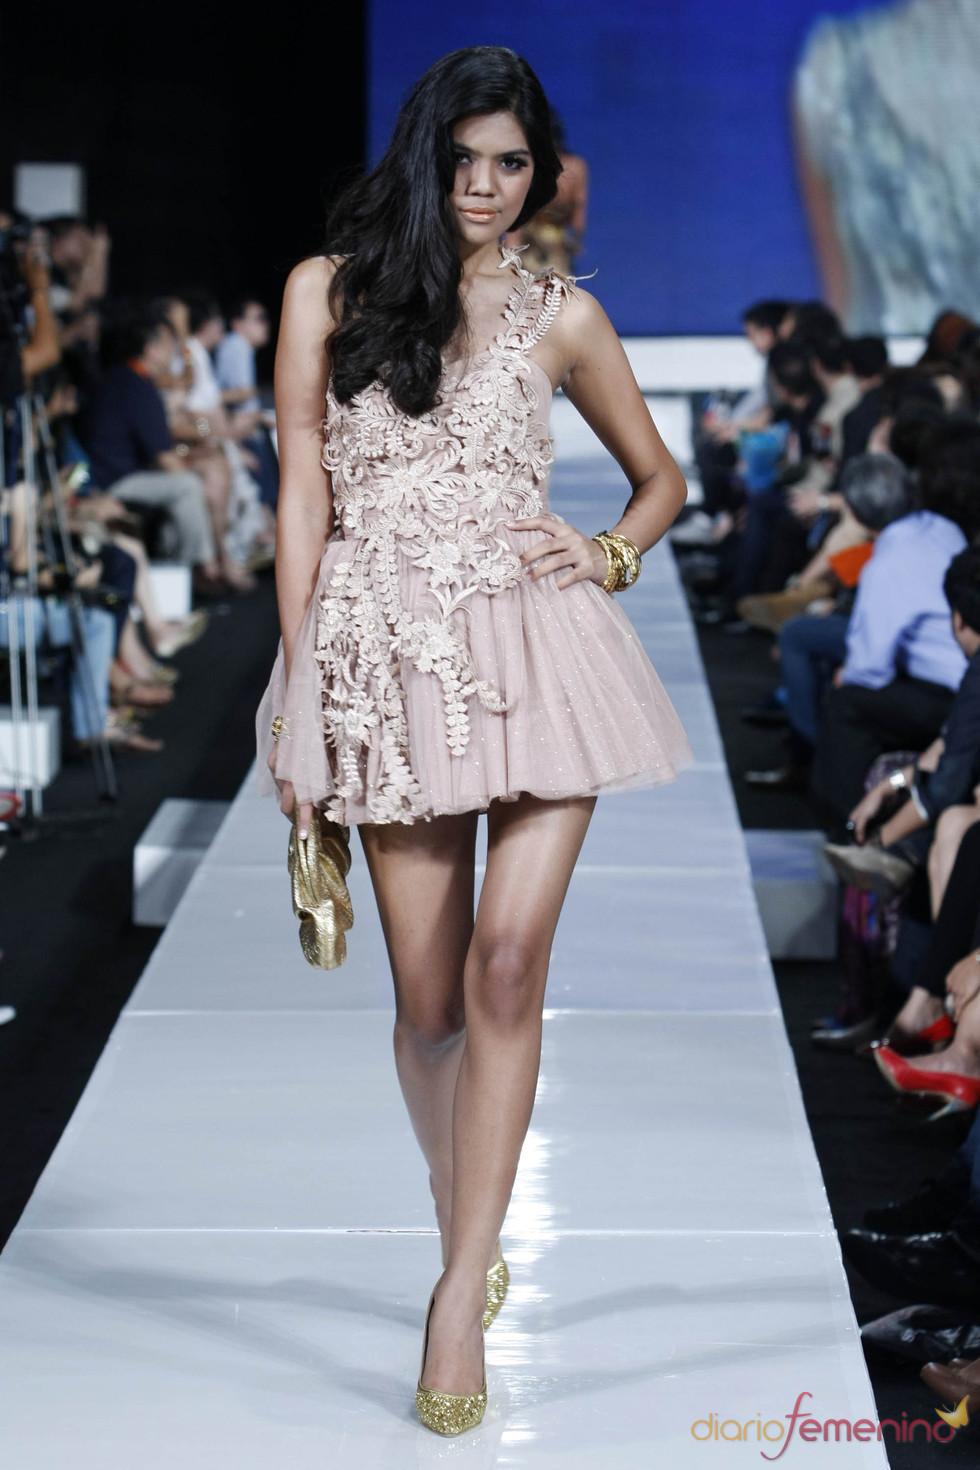 Vestido con encajes y complementos en dorado, Jarkata 2010